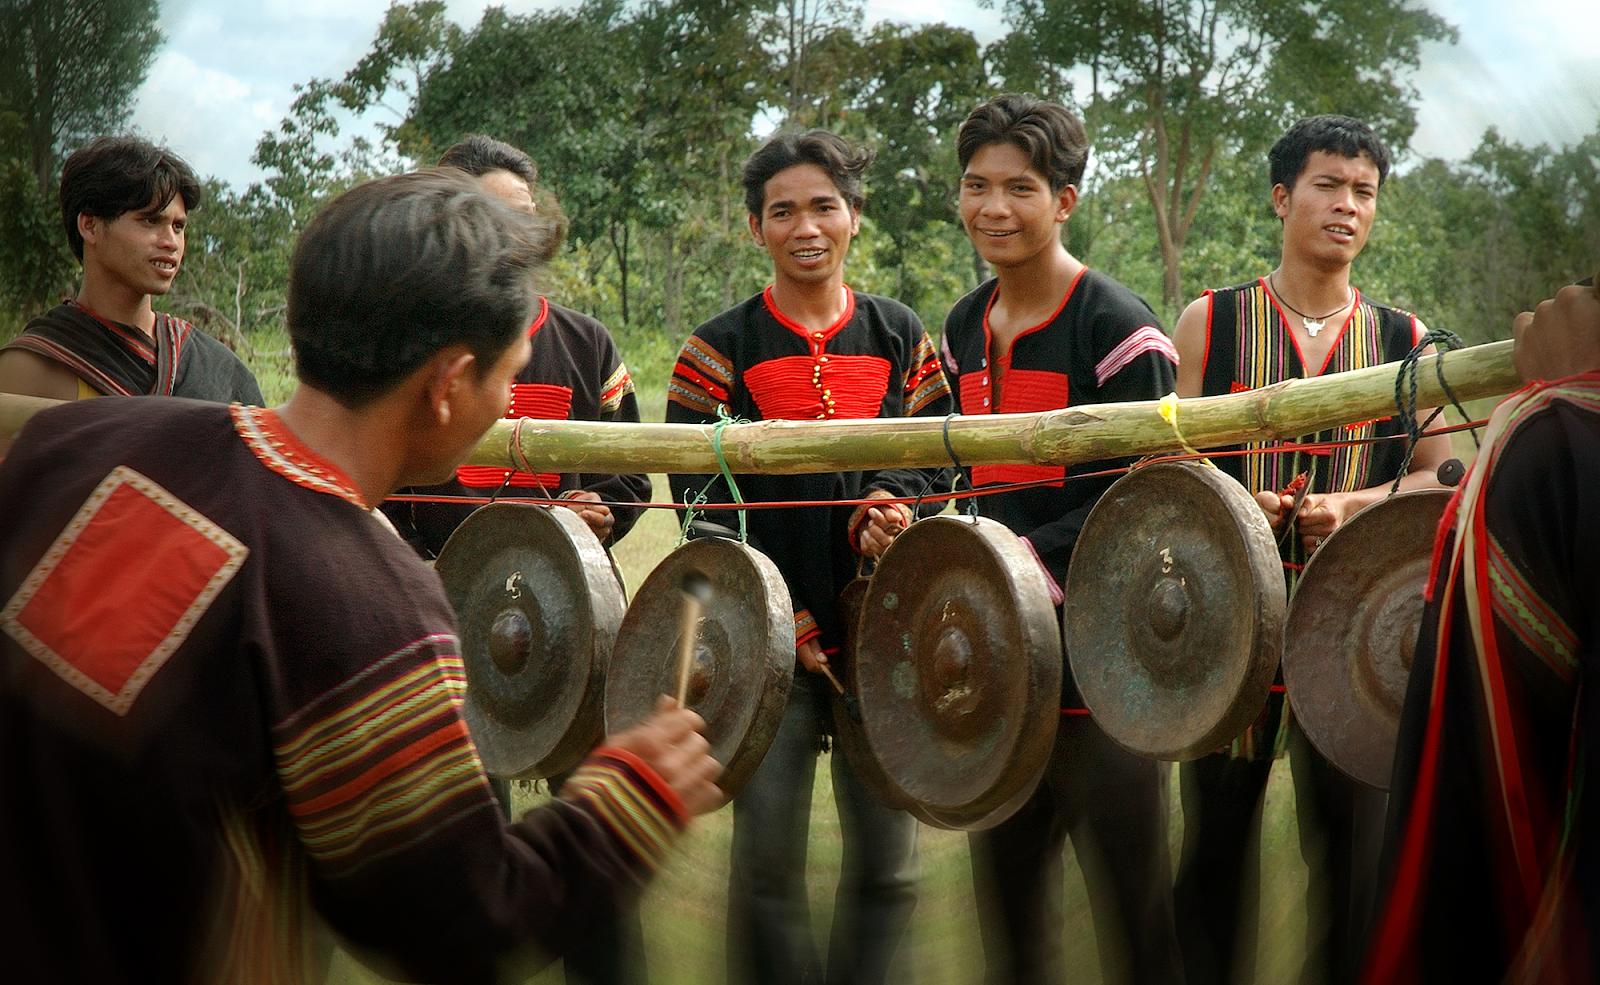 Một số nét đặc trưng và tiêu biểu nhất của văn hóa Ê Đê - Vietnam Tours 24/7